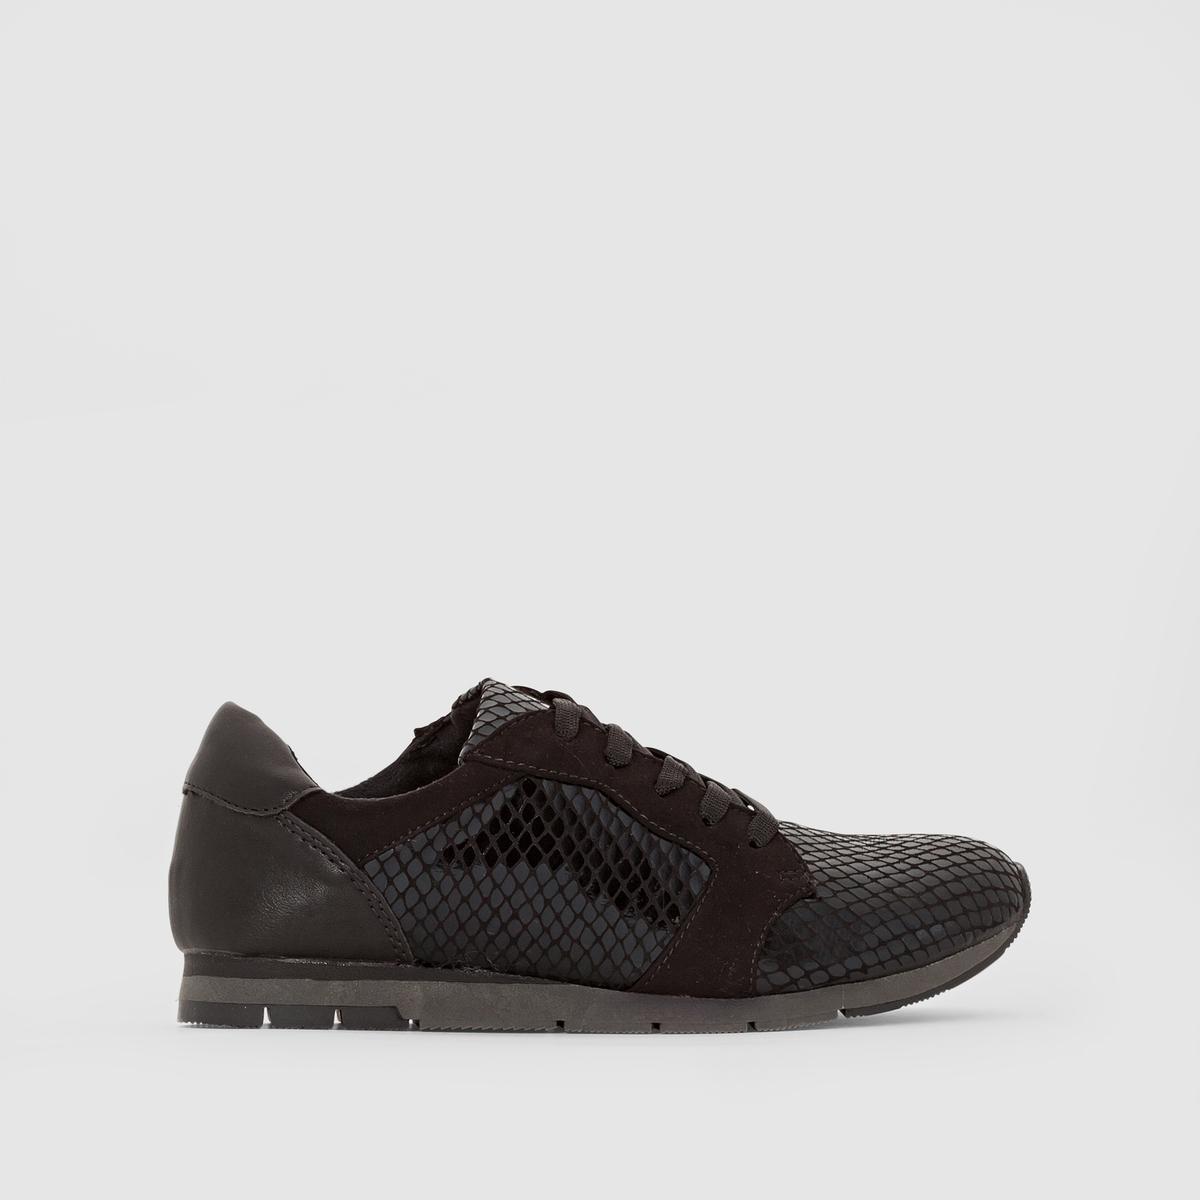 Кеды 23617-27Подкладка : текстиль и синтетика       Стелька : синтетика       Подошва : синтетика       Высота каблука : 2 см       Форма каблука : плоский       Мысок : закругленный       Застежка : на шнуровке<br><br>Цвет: черный